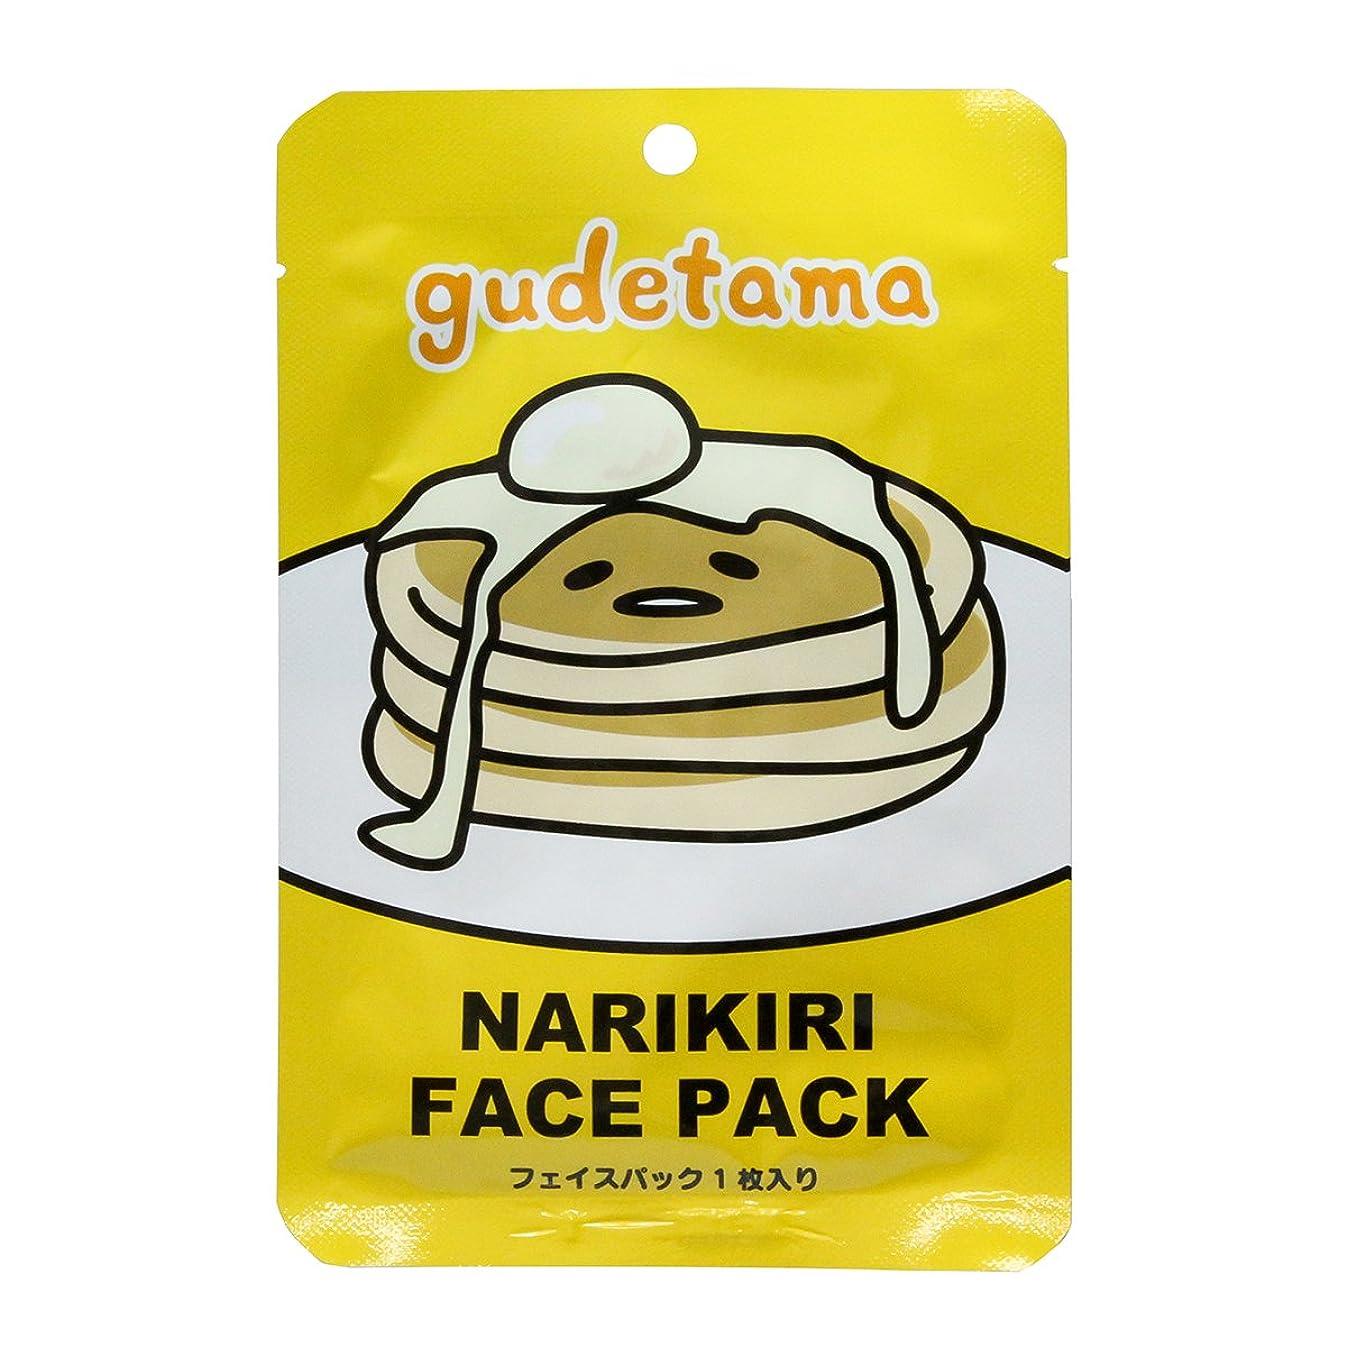 賃金誇り適用済みぐでたま なりきりフェイスパック パンケーキ バニラの香り (20mL × 1枚入)